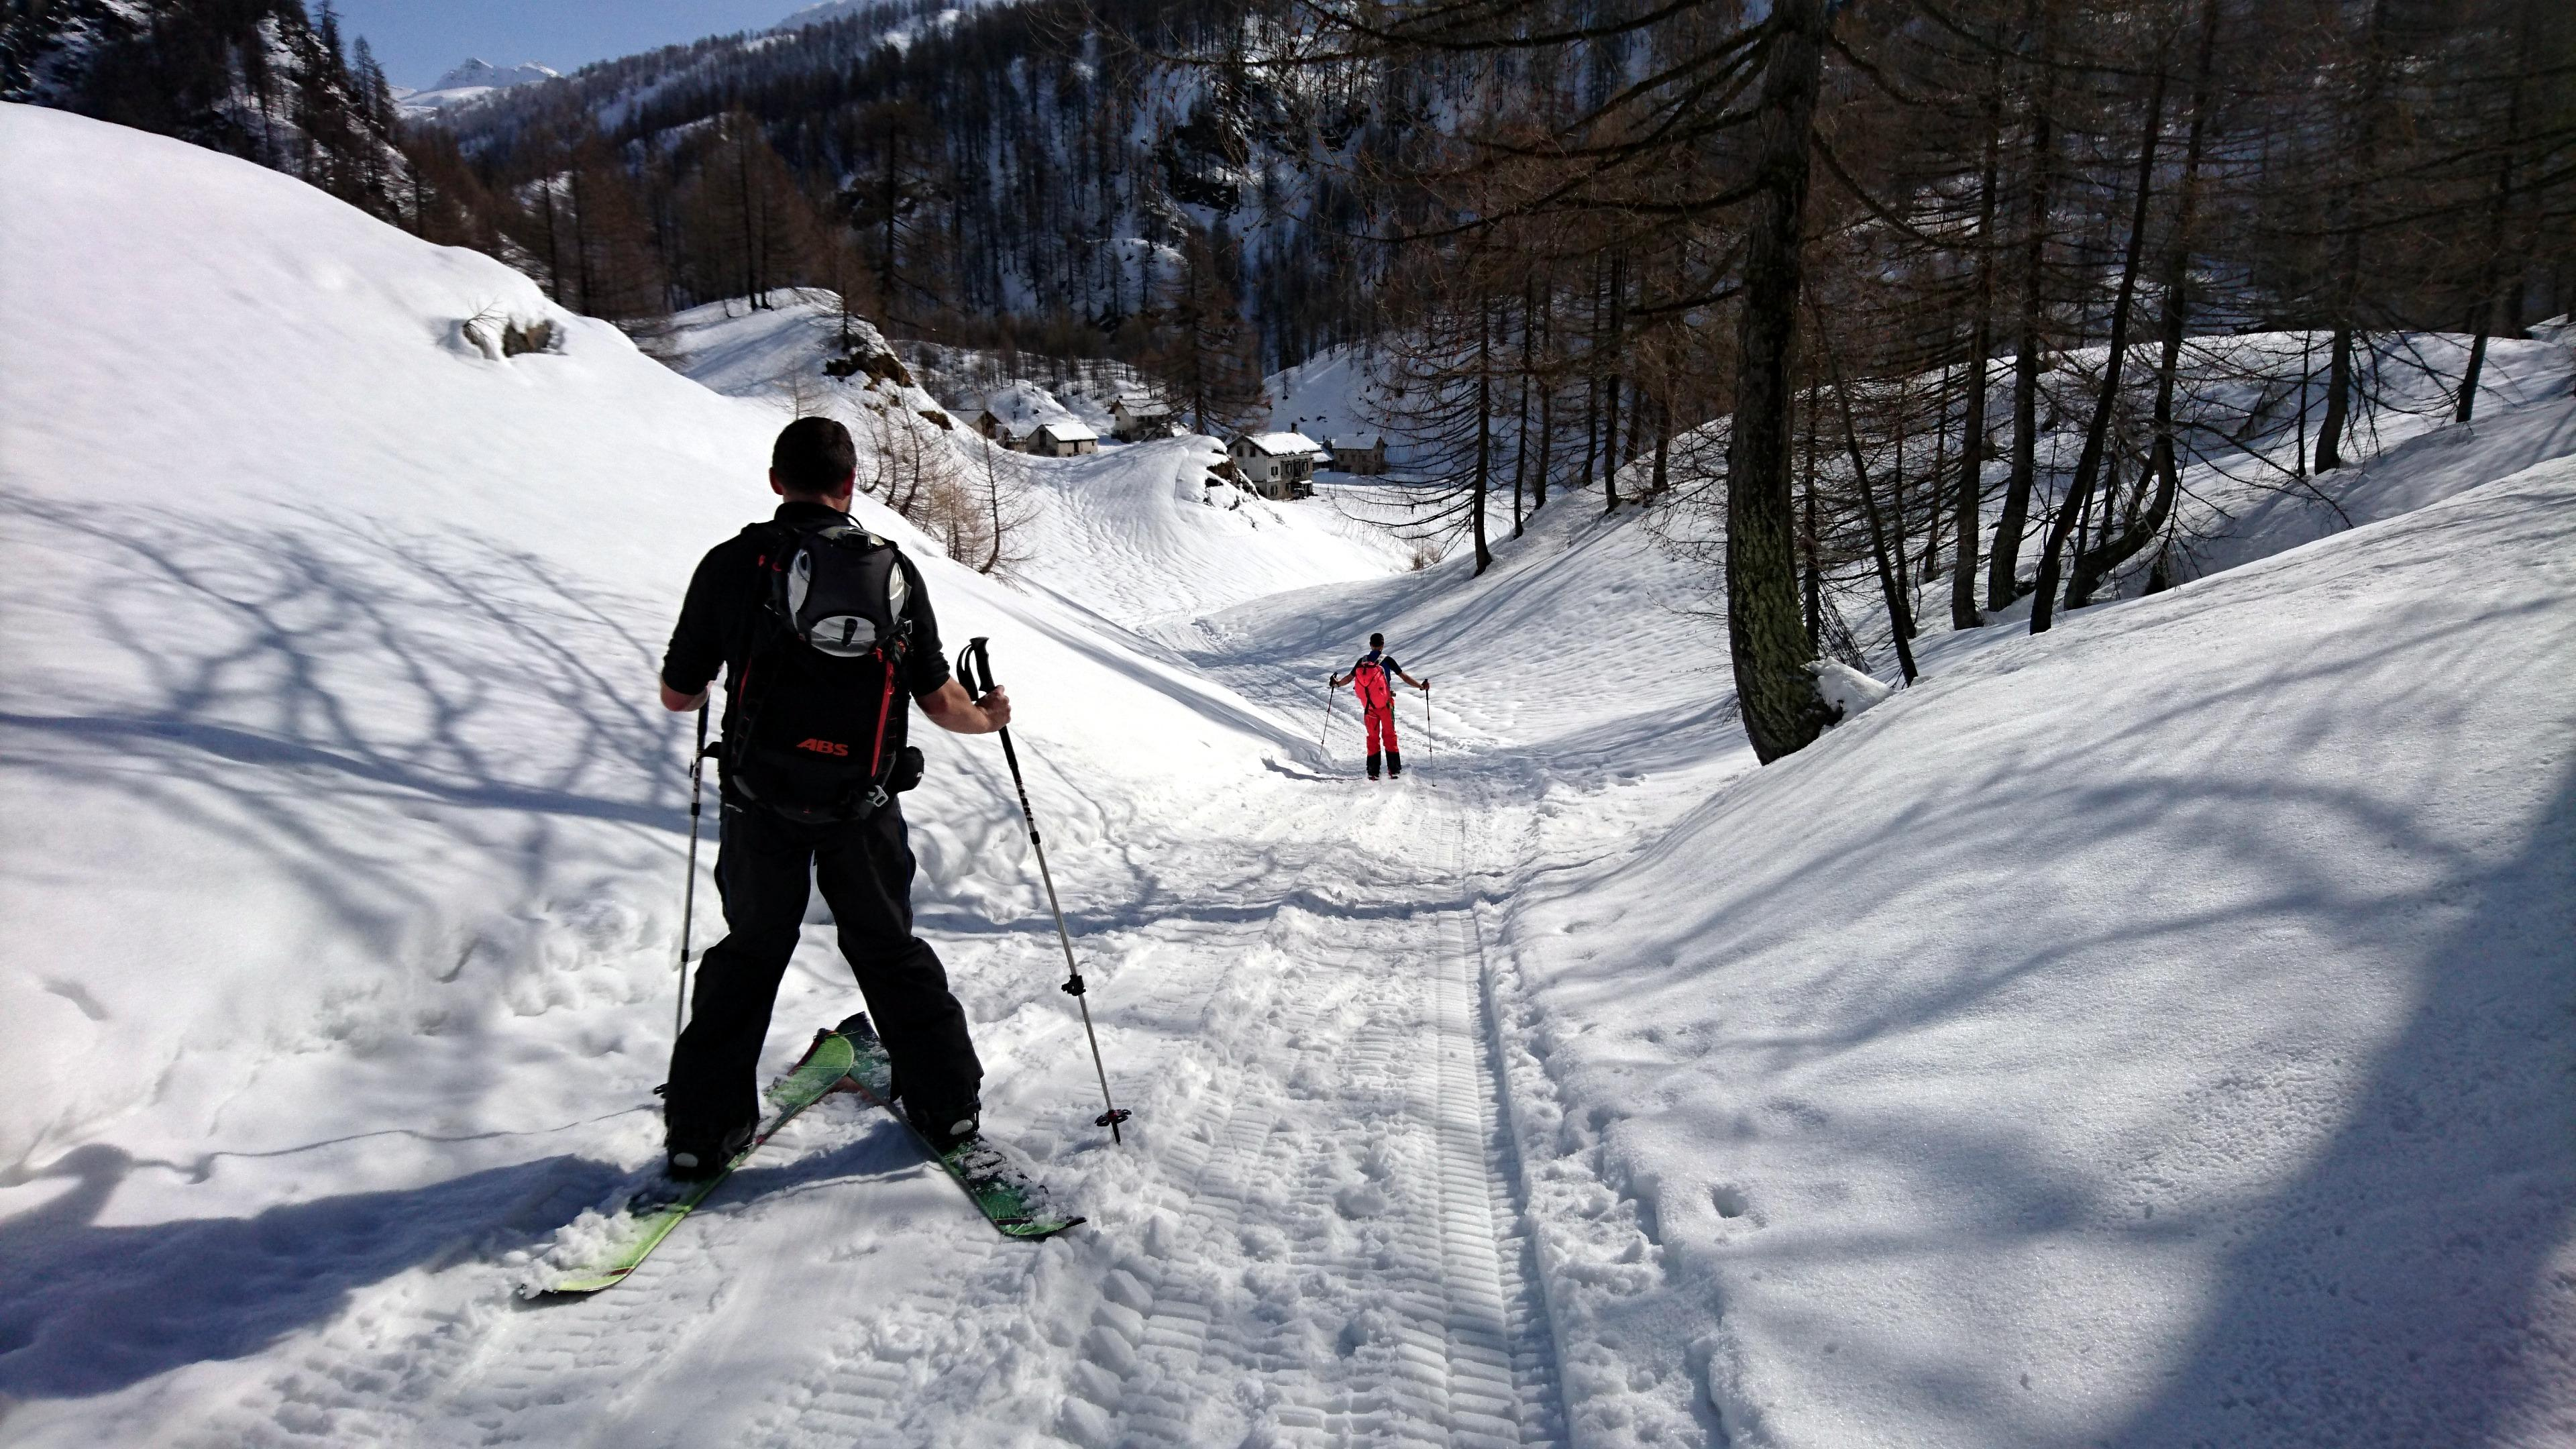 Seguiamo il sentiero invernale verso Crampiolo che è decisamente più da ciaspolatori che da skialpers. I miei amici mi sfottono per la scelta della gita, ma alla prima discesa...non rideranno più con le loro splitboard! ;)